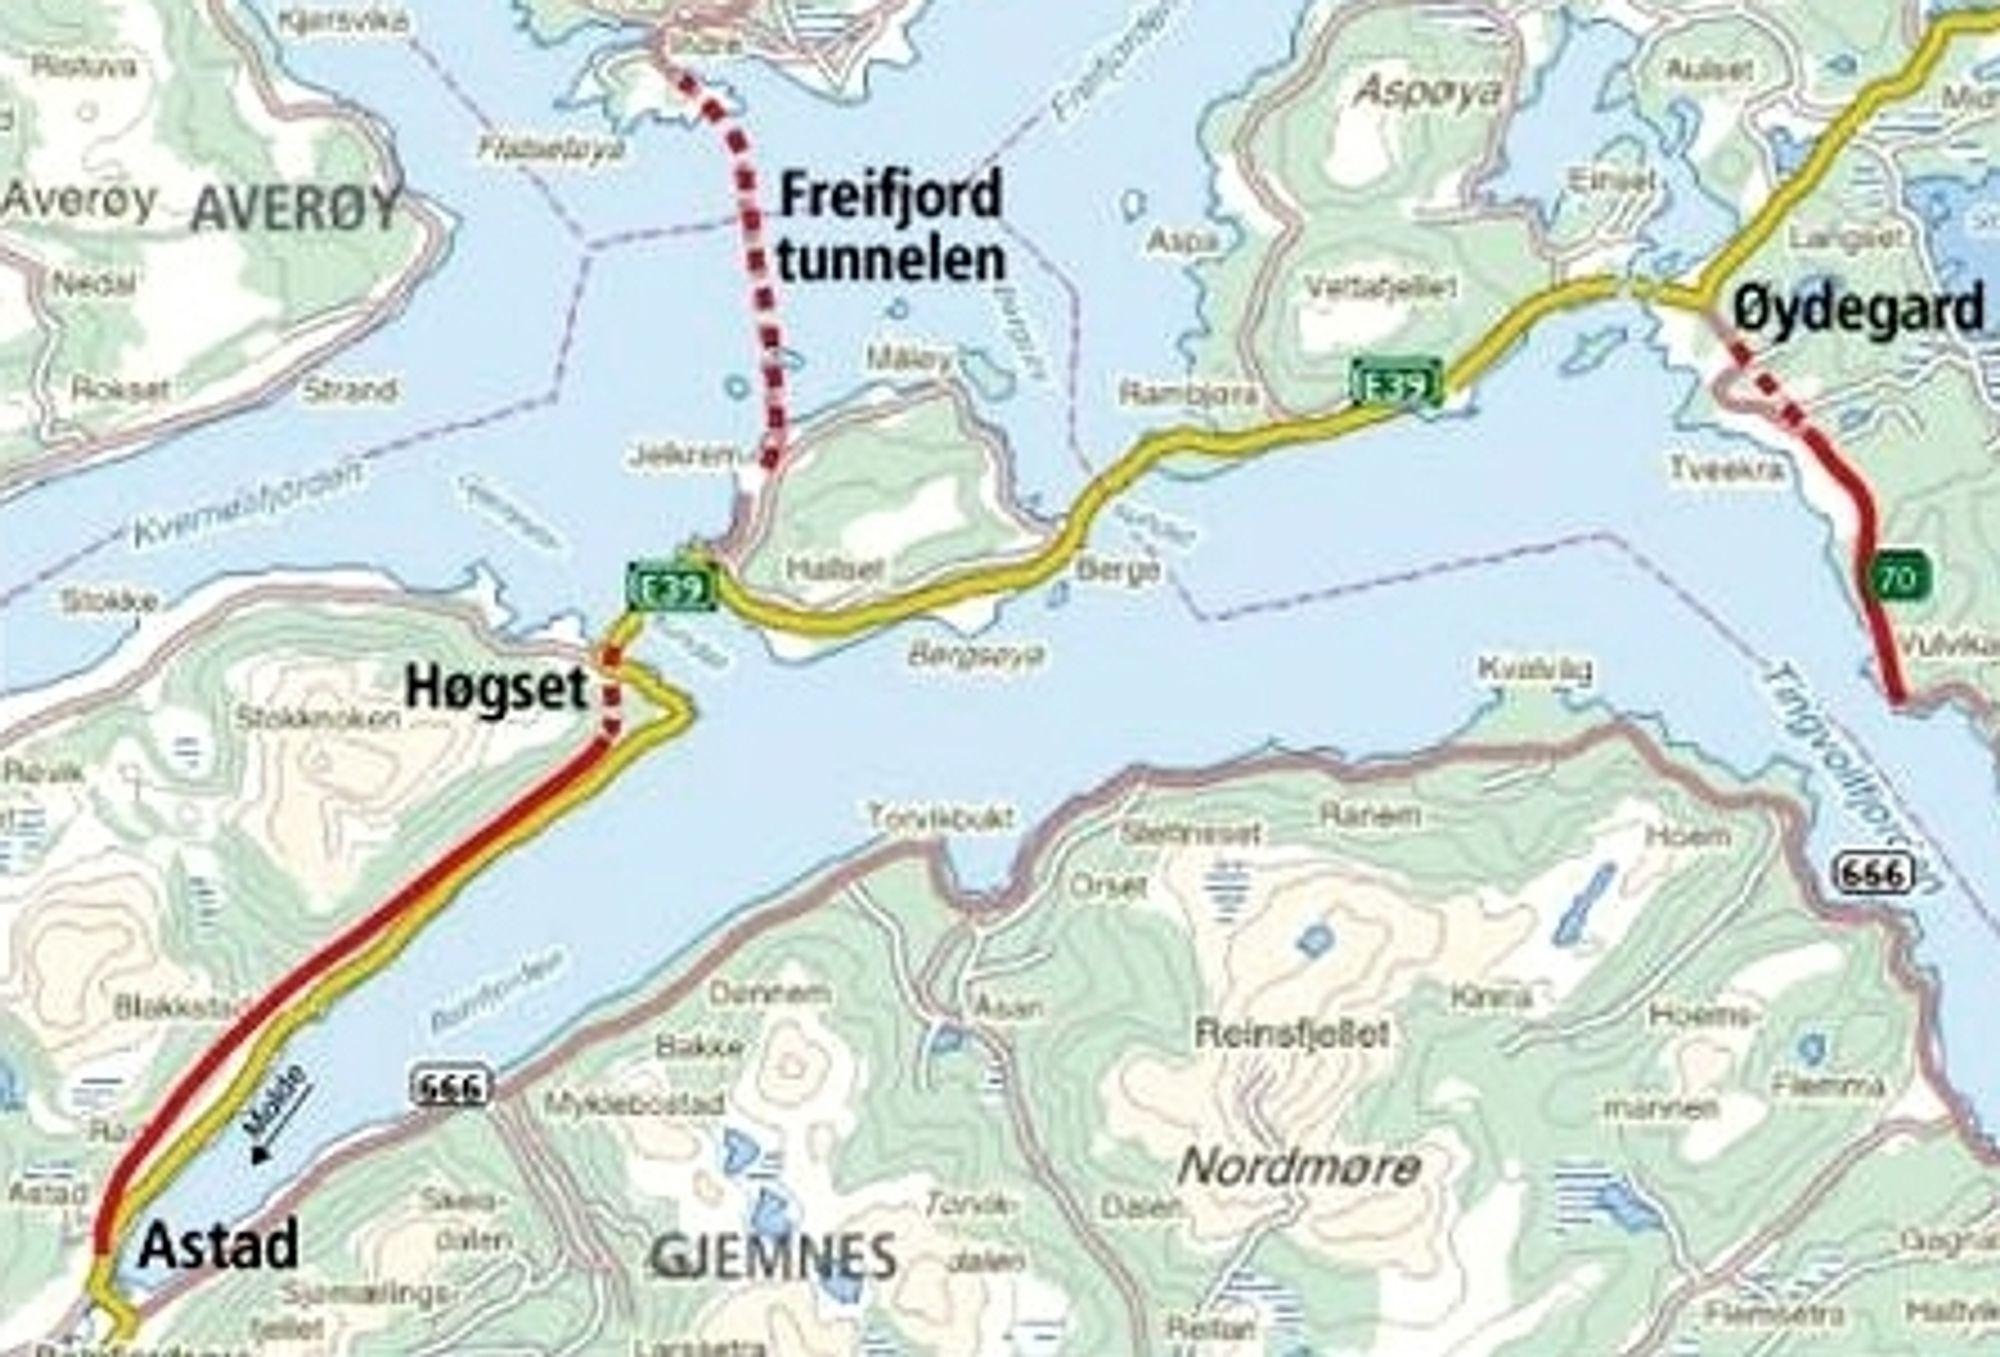 Mekvik Maskin fra Kristiansund ligger an til å få et oppdrag på E 39 mellom Astad og Høgset, mens Vatn Maskinstasjon fra Tingvoll ligger an til å miste et på samme prosjekt. Ill.: Statens vegvesen